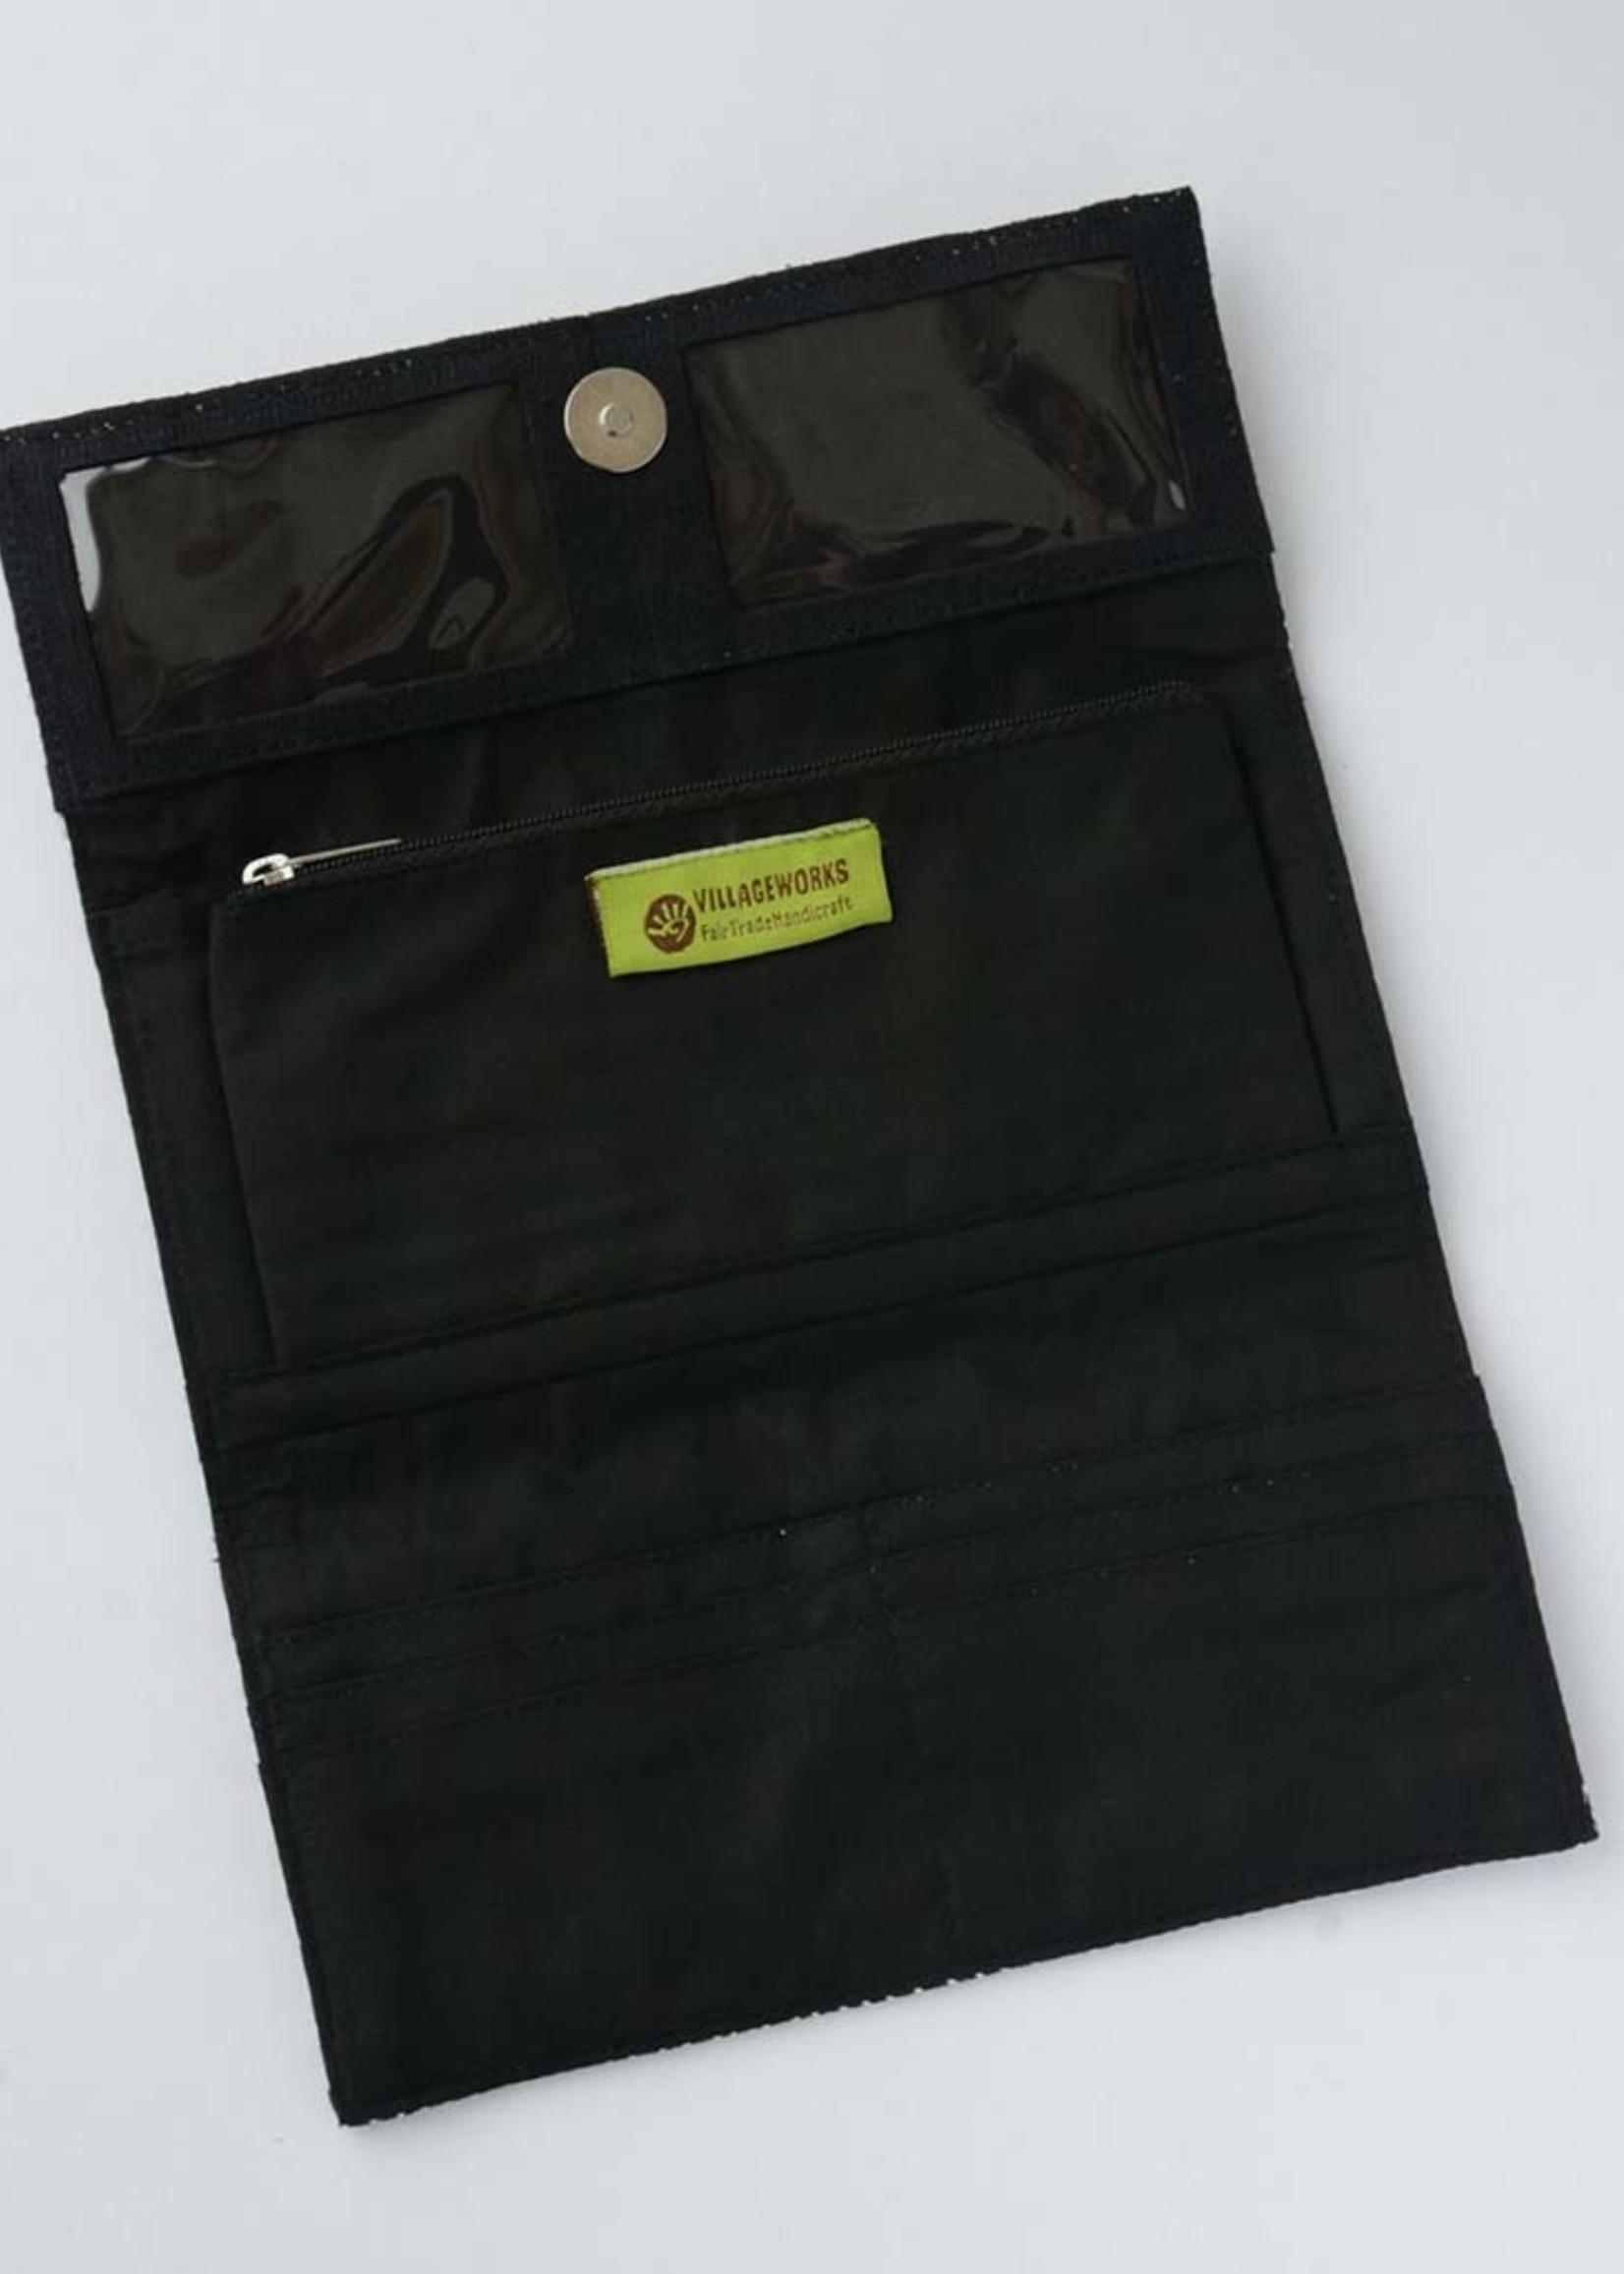 Black Matchstick Wallet Clutch